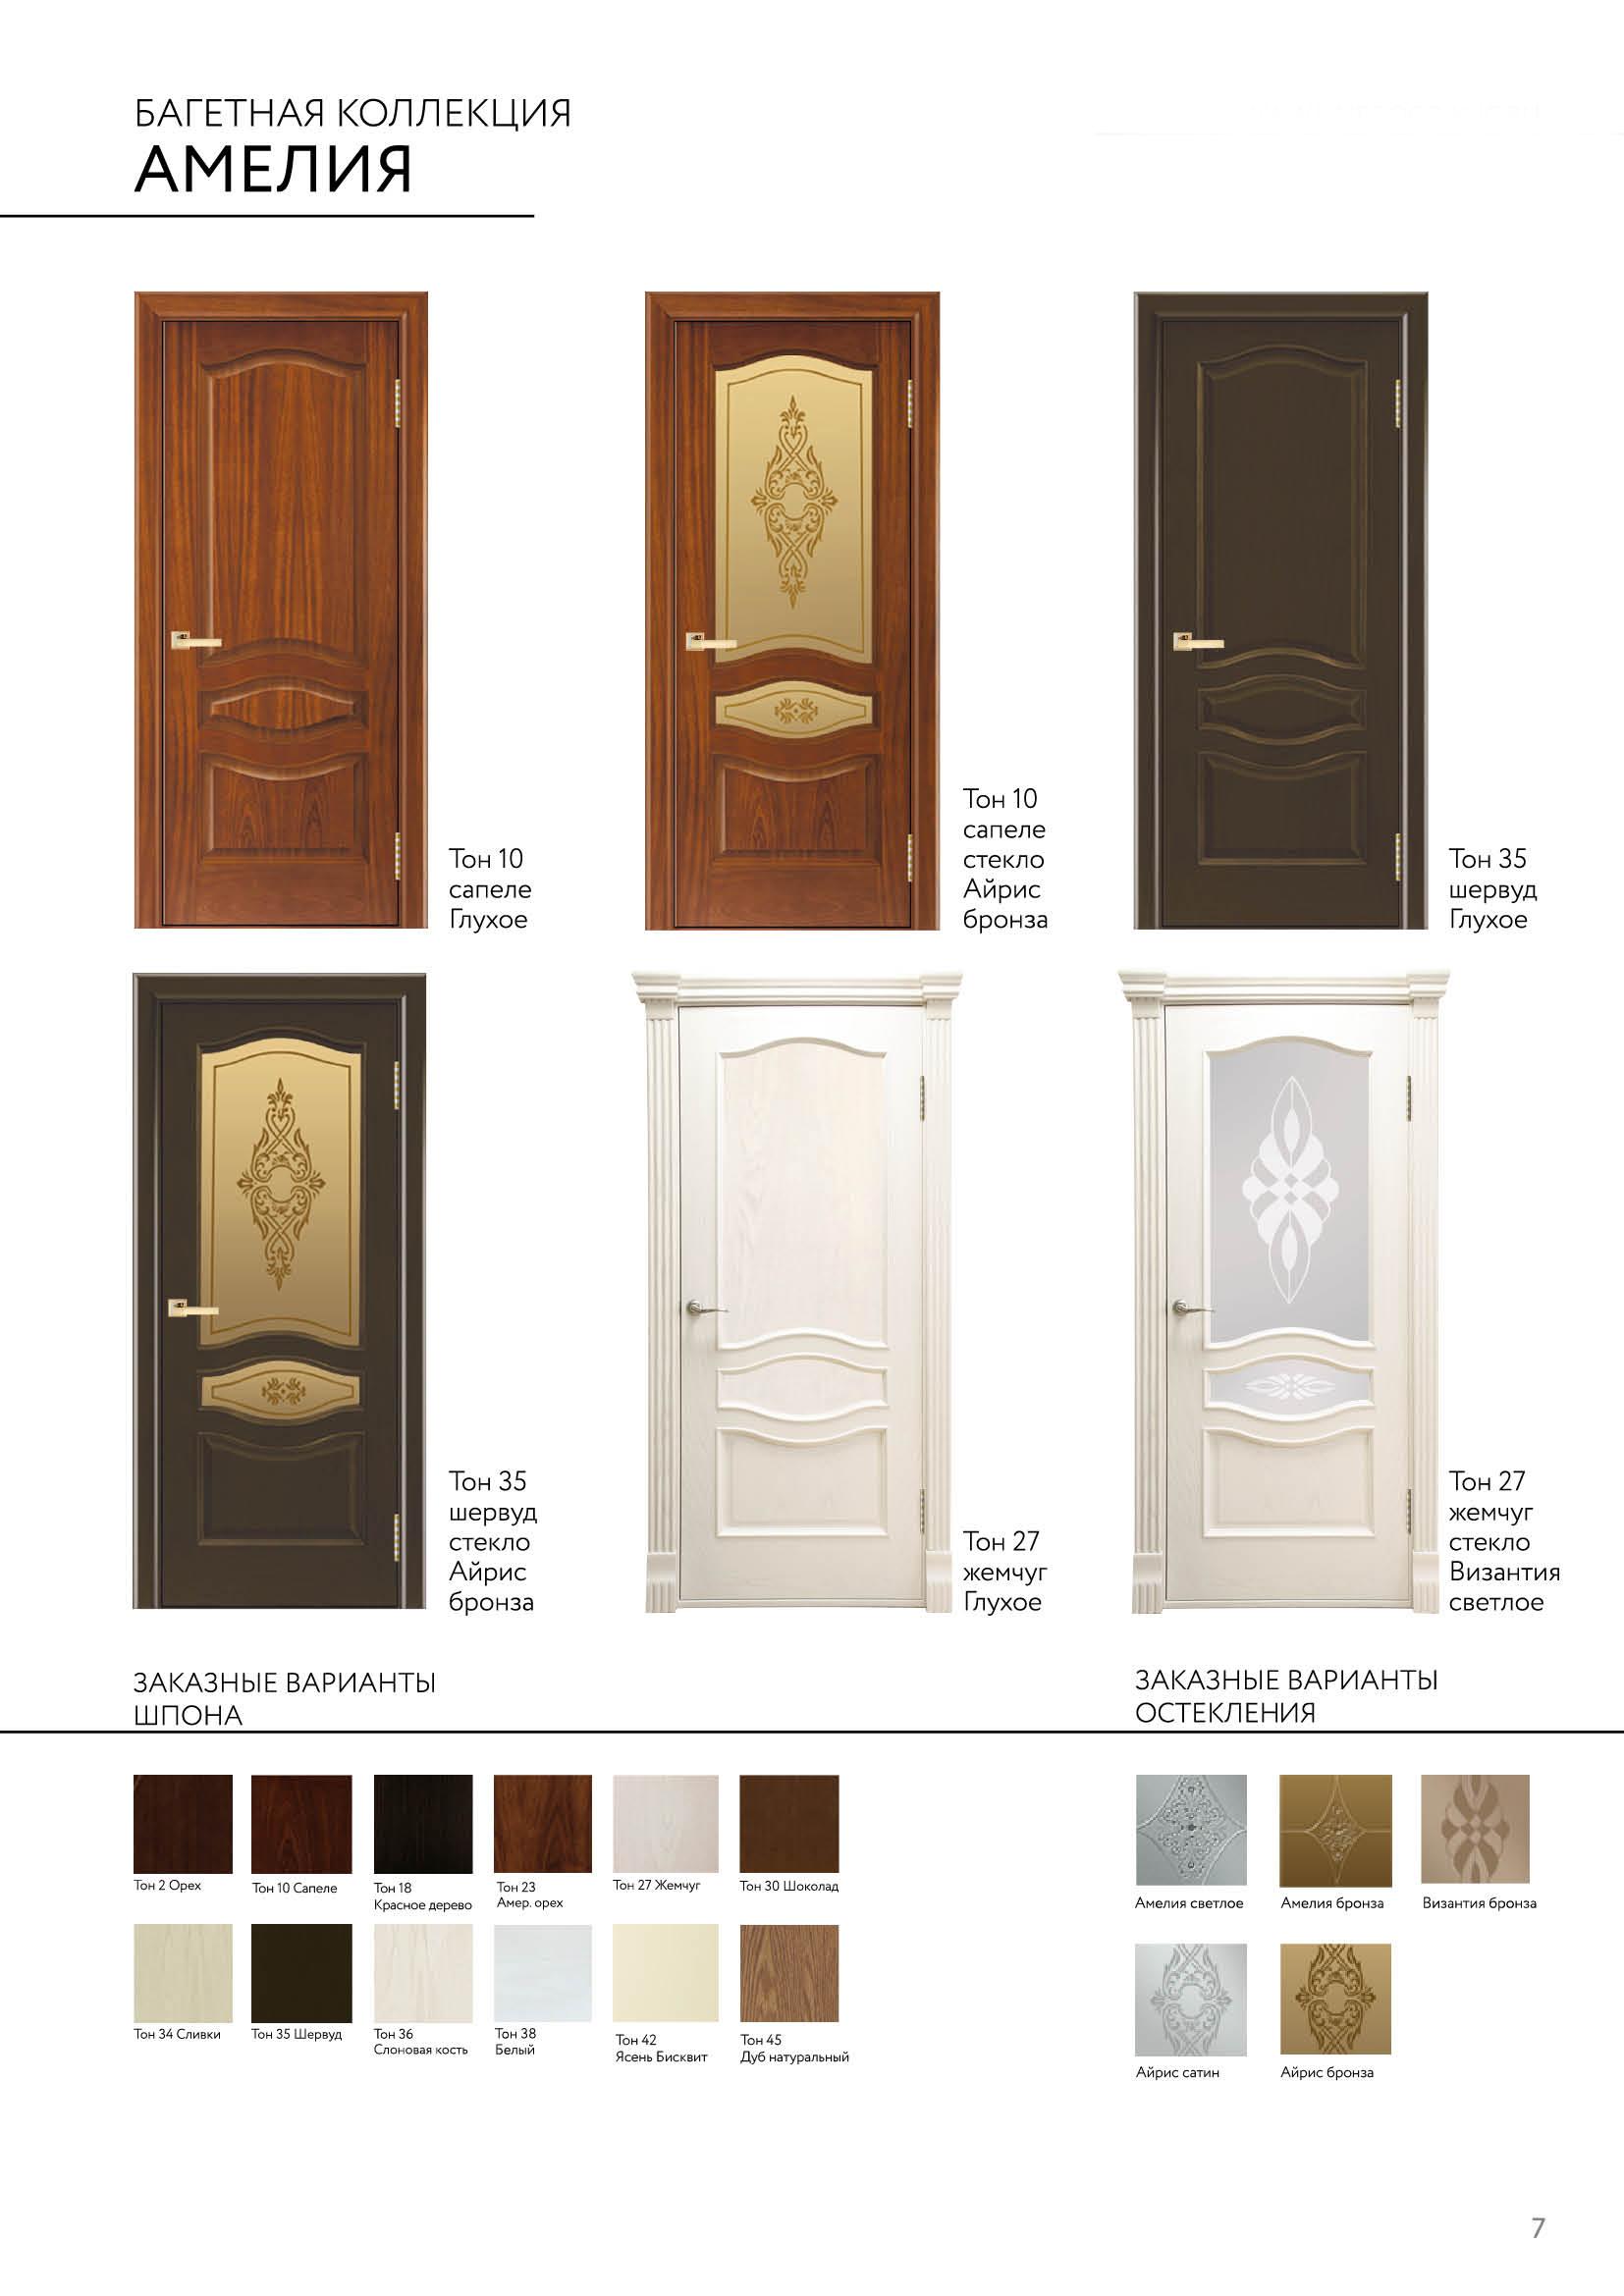 Межкомнатные Ульяновские двери Амелия